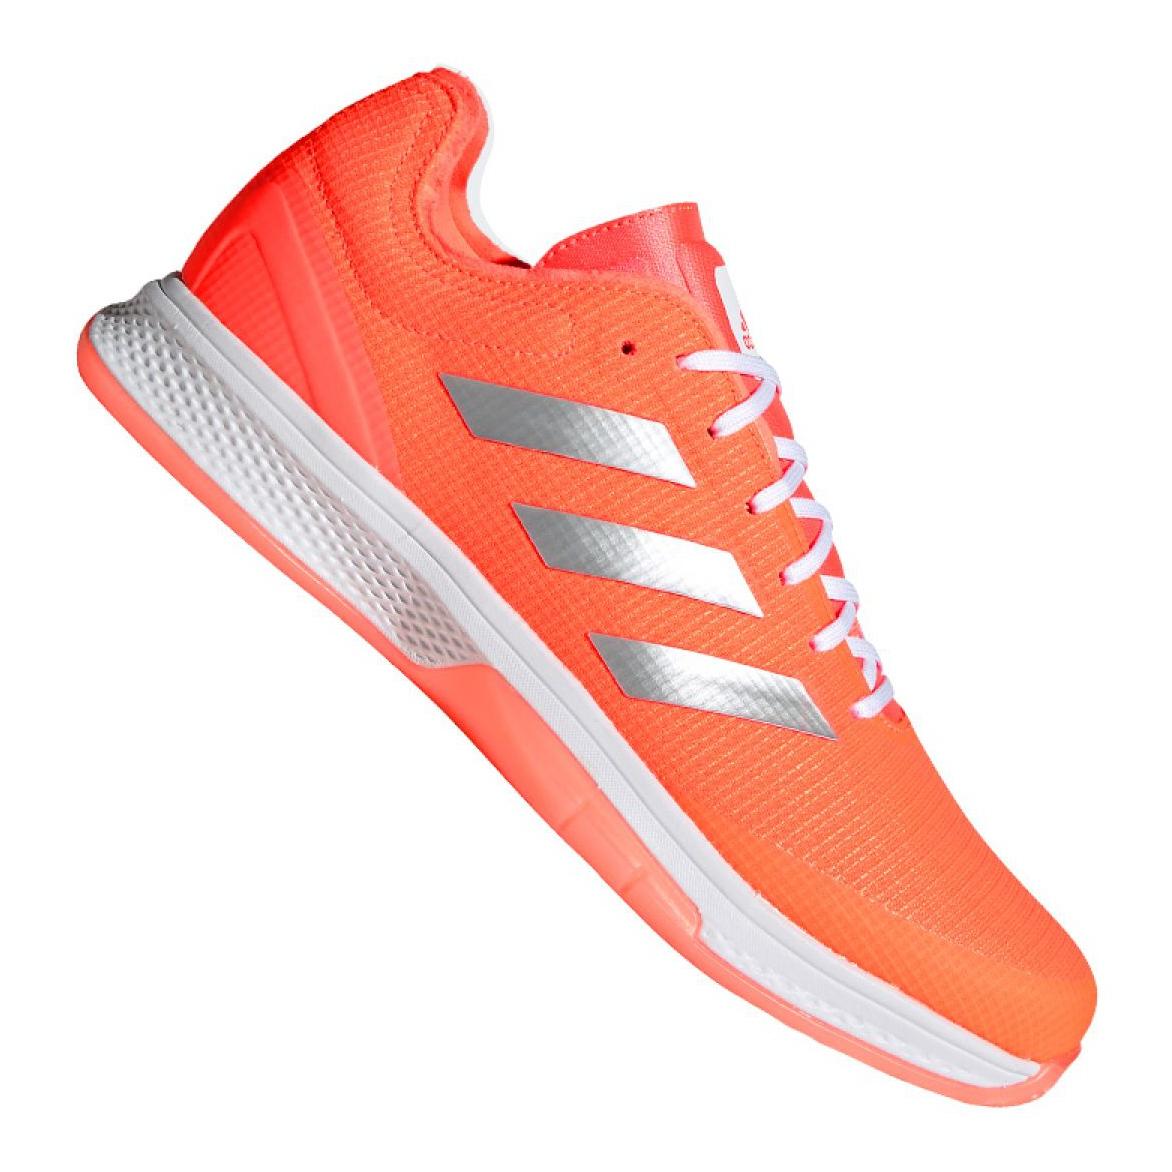 función tabaco pasillo  Adidas Counterblast Bounce M EH0851 shoes orange multicolored - ButyModne.pl